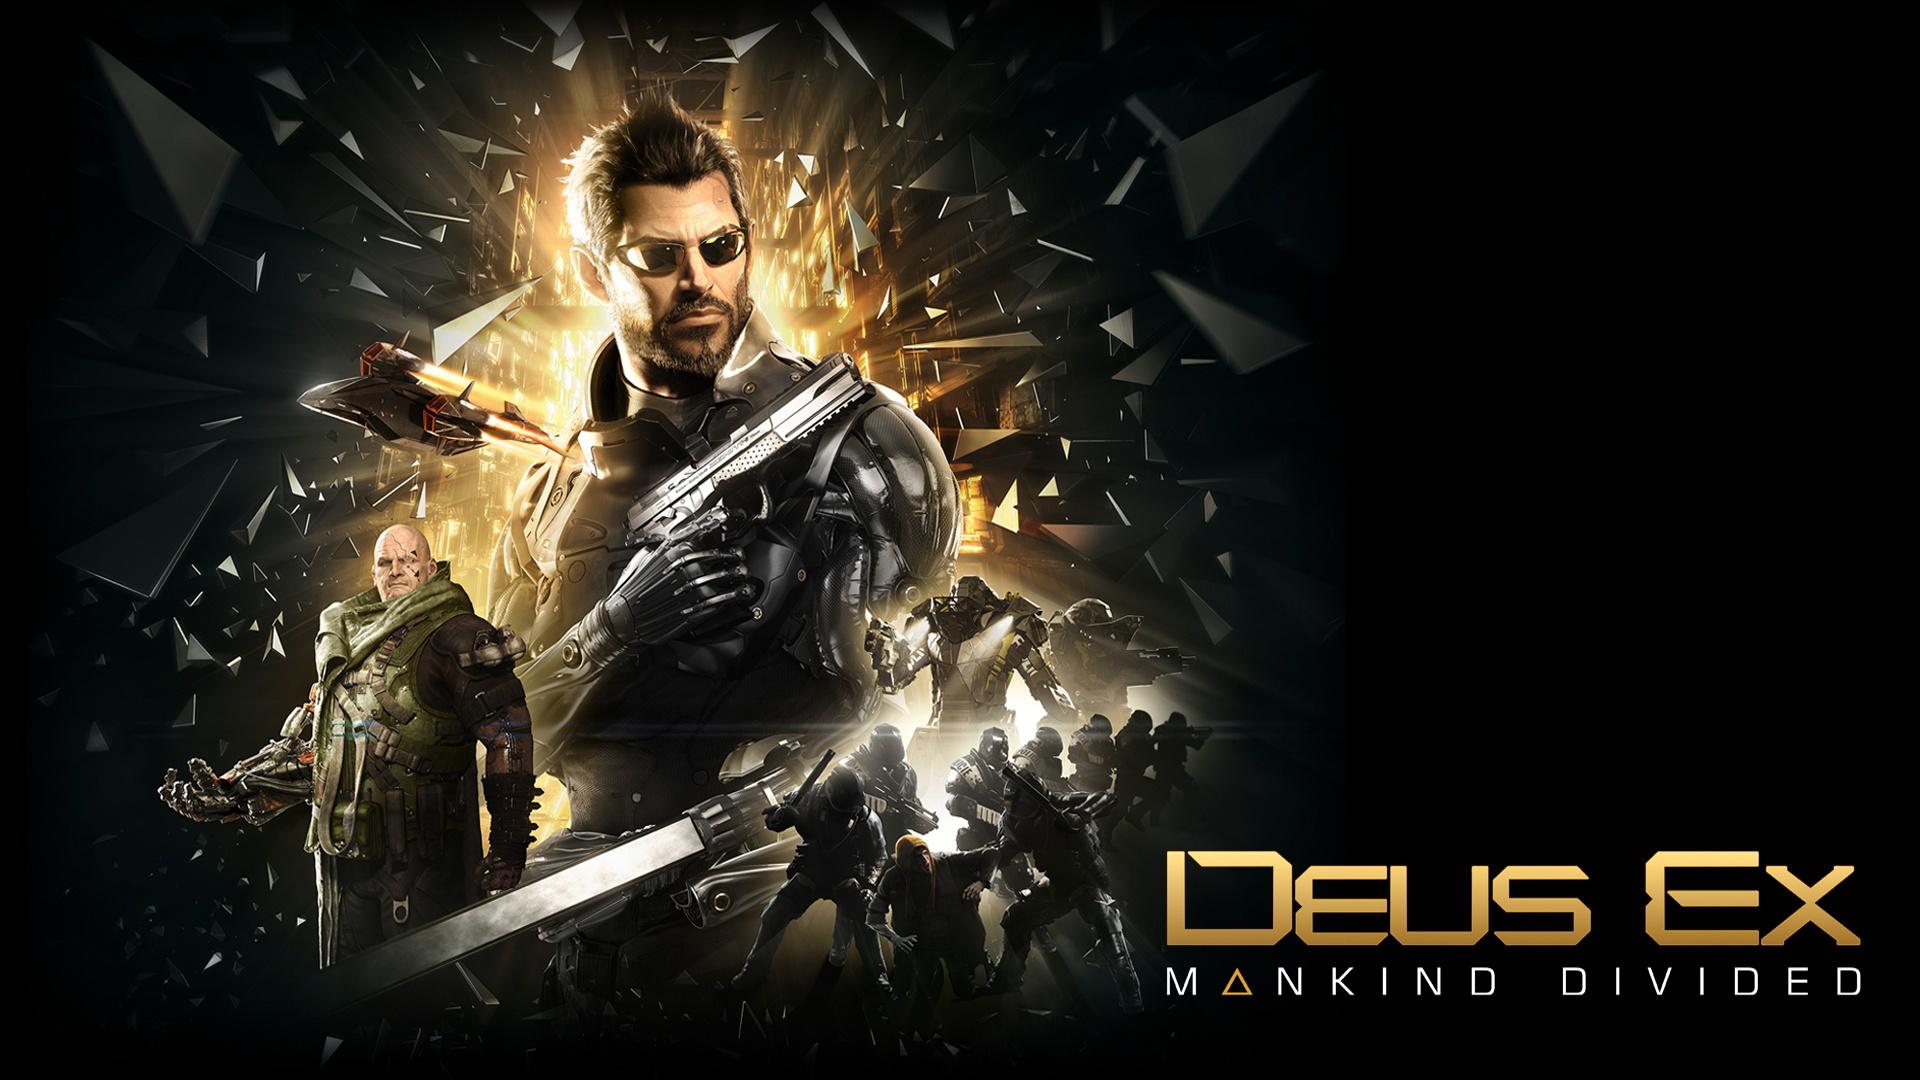 deus_ex_mankind_divided-wallpaper-background-1920x1080